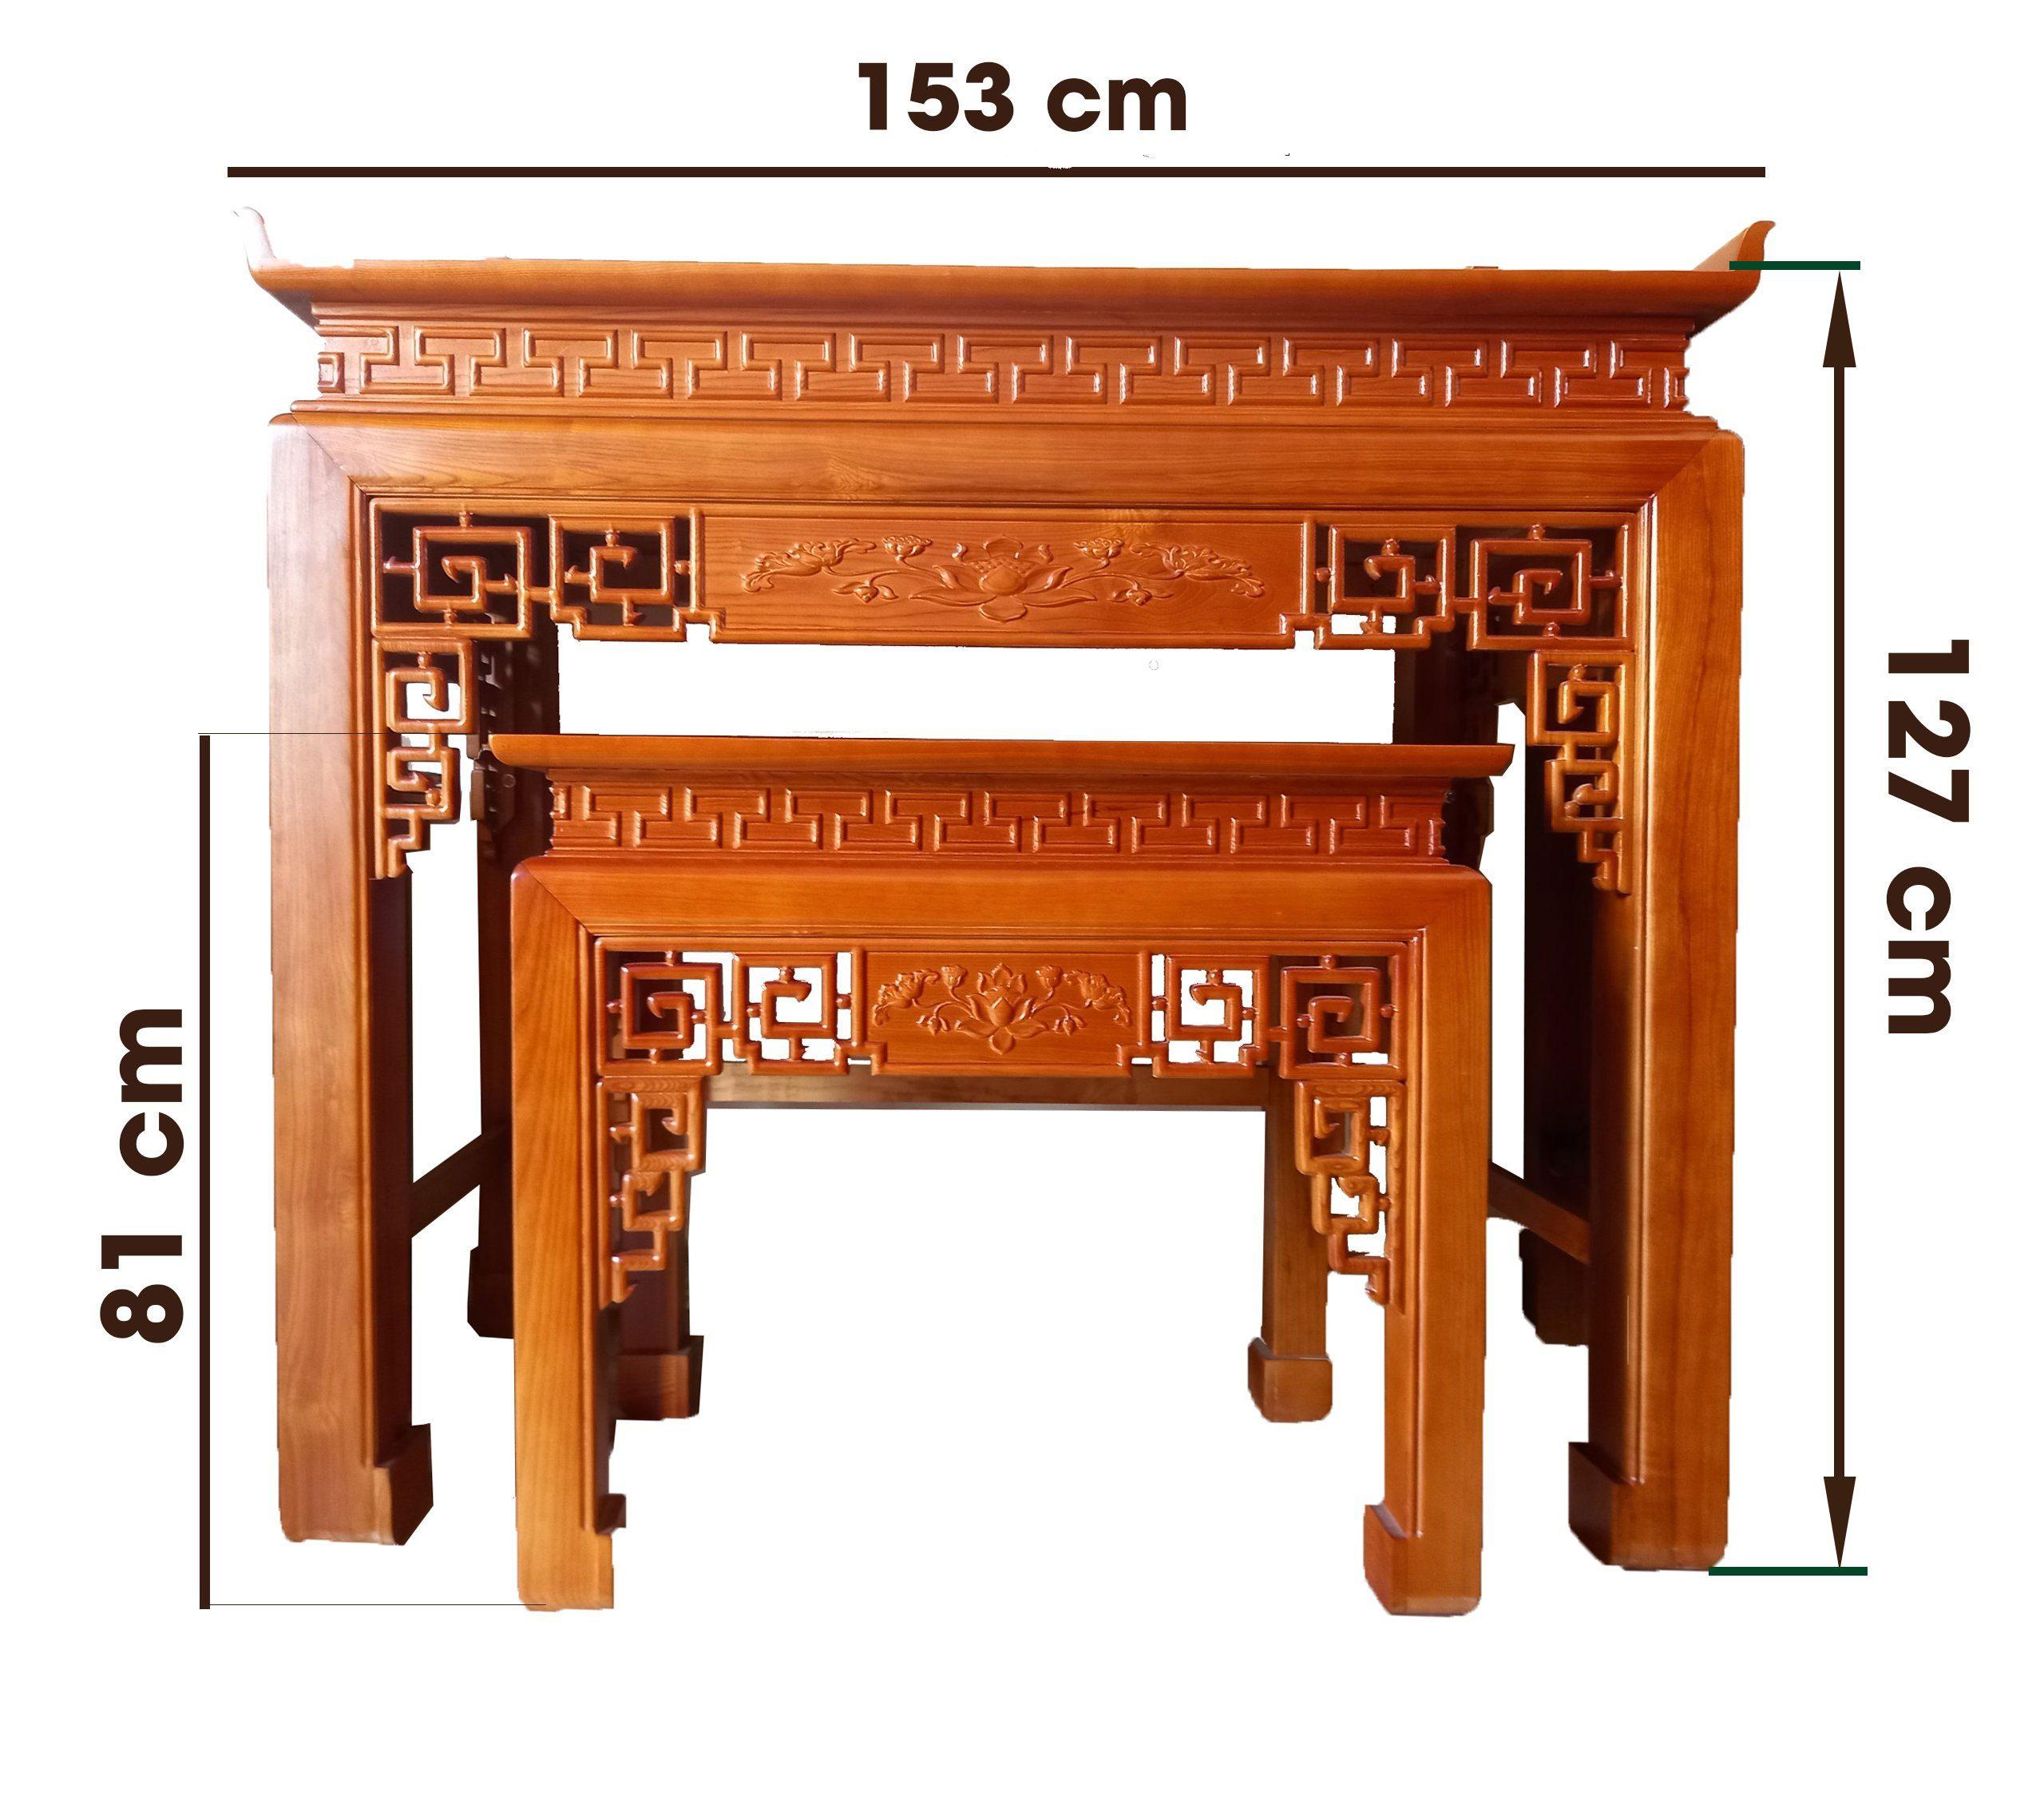 cách xác định chiều cao bàn thờ chuẩn phong thủy